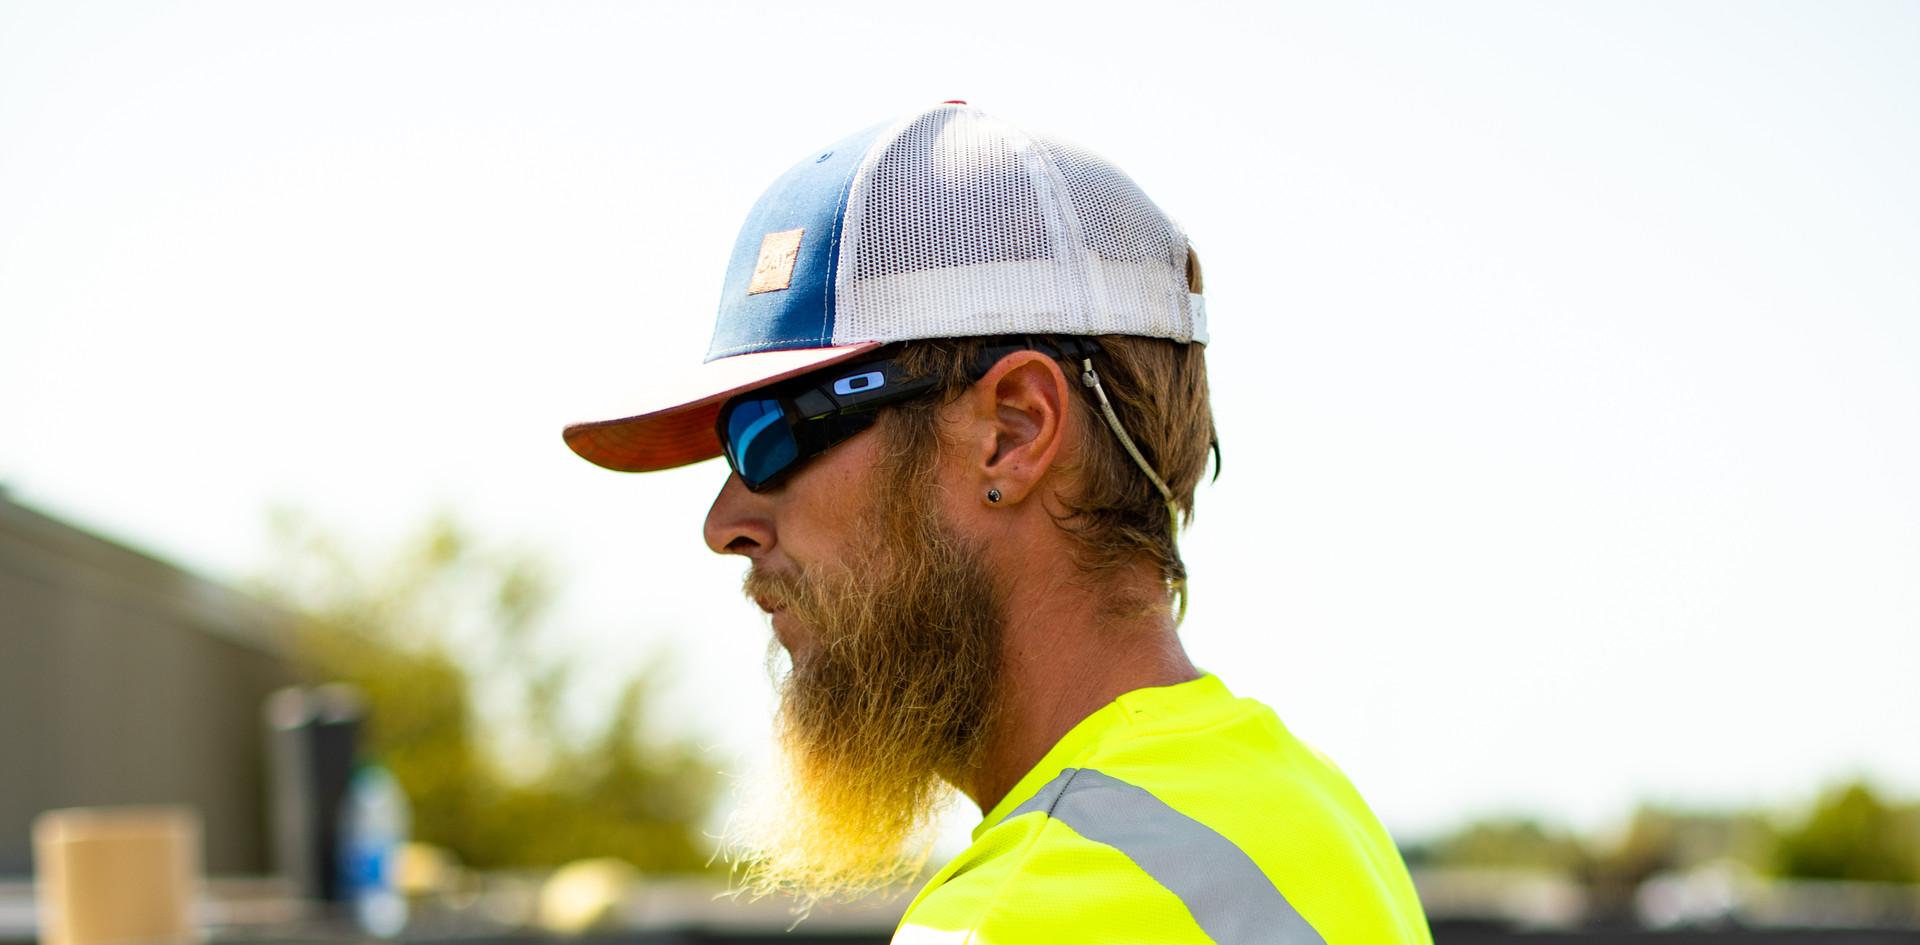 Ken-Hopkins-Roofing-Crews